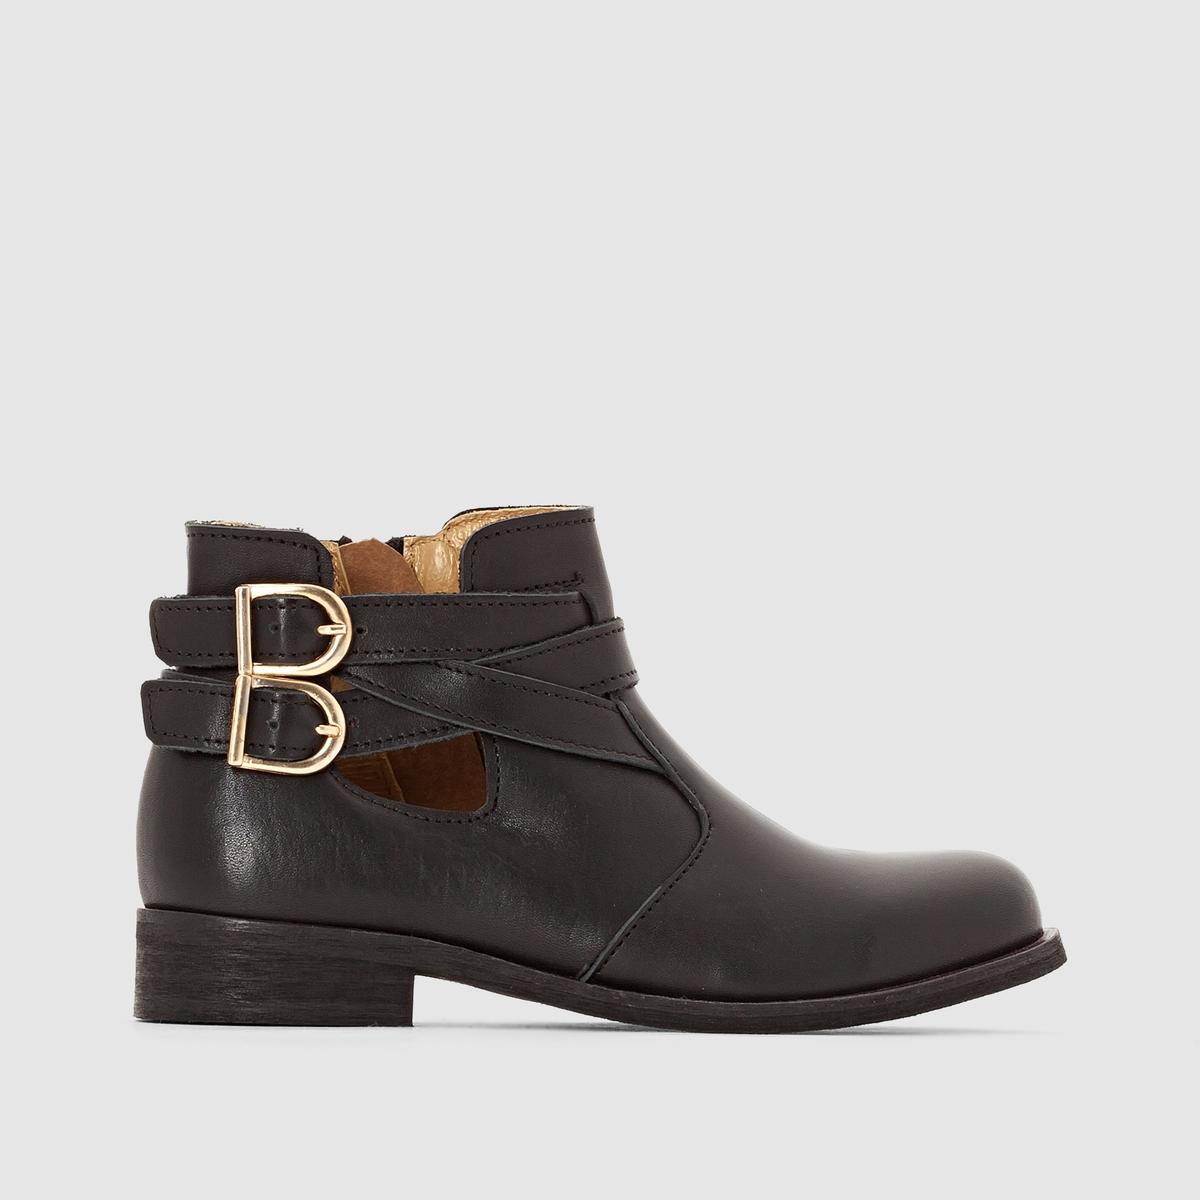 Ботильоны кожаные с ремешкамиКрасивый вырез с 2 ремешками и золотыми пряжками для модного вида: элегантные и модные ботильоны, которые понравятся фанатам стиля!<br><br>Цвет: черный